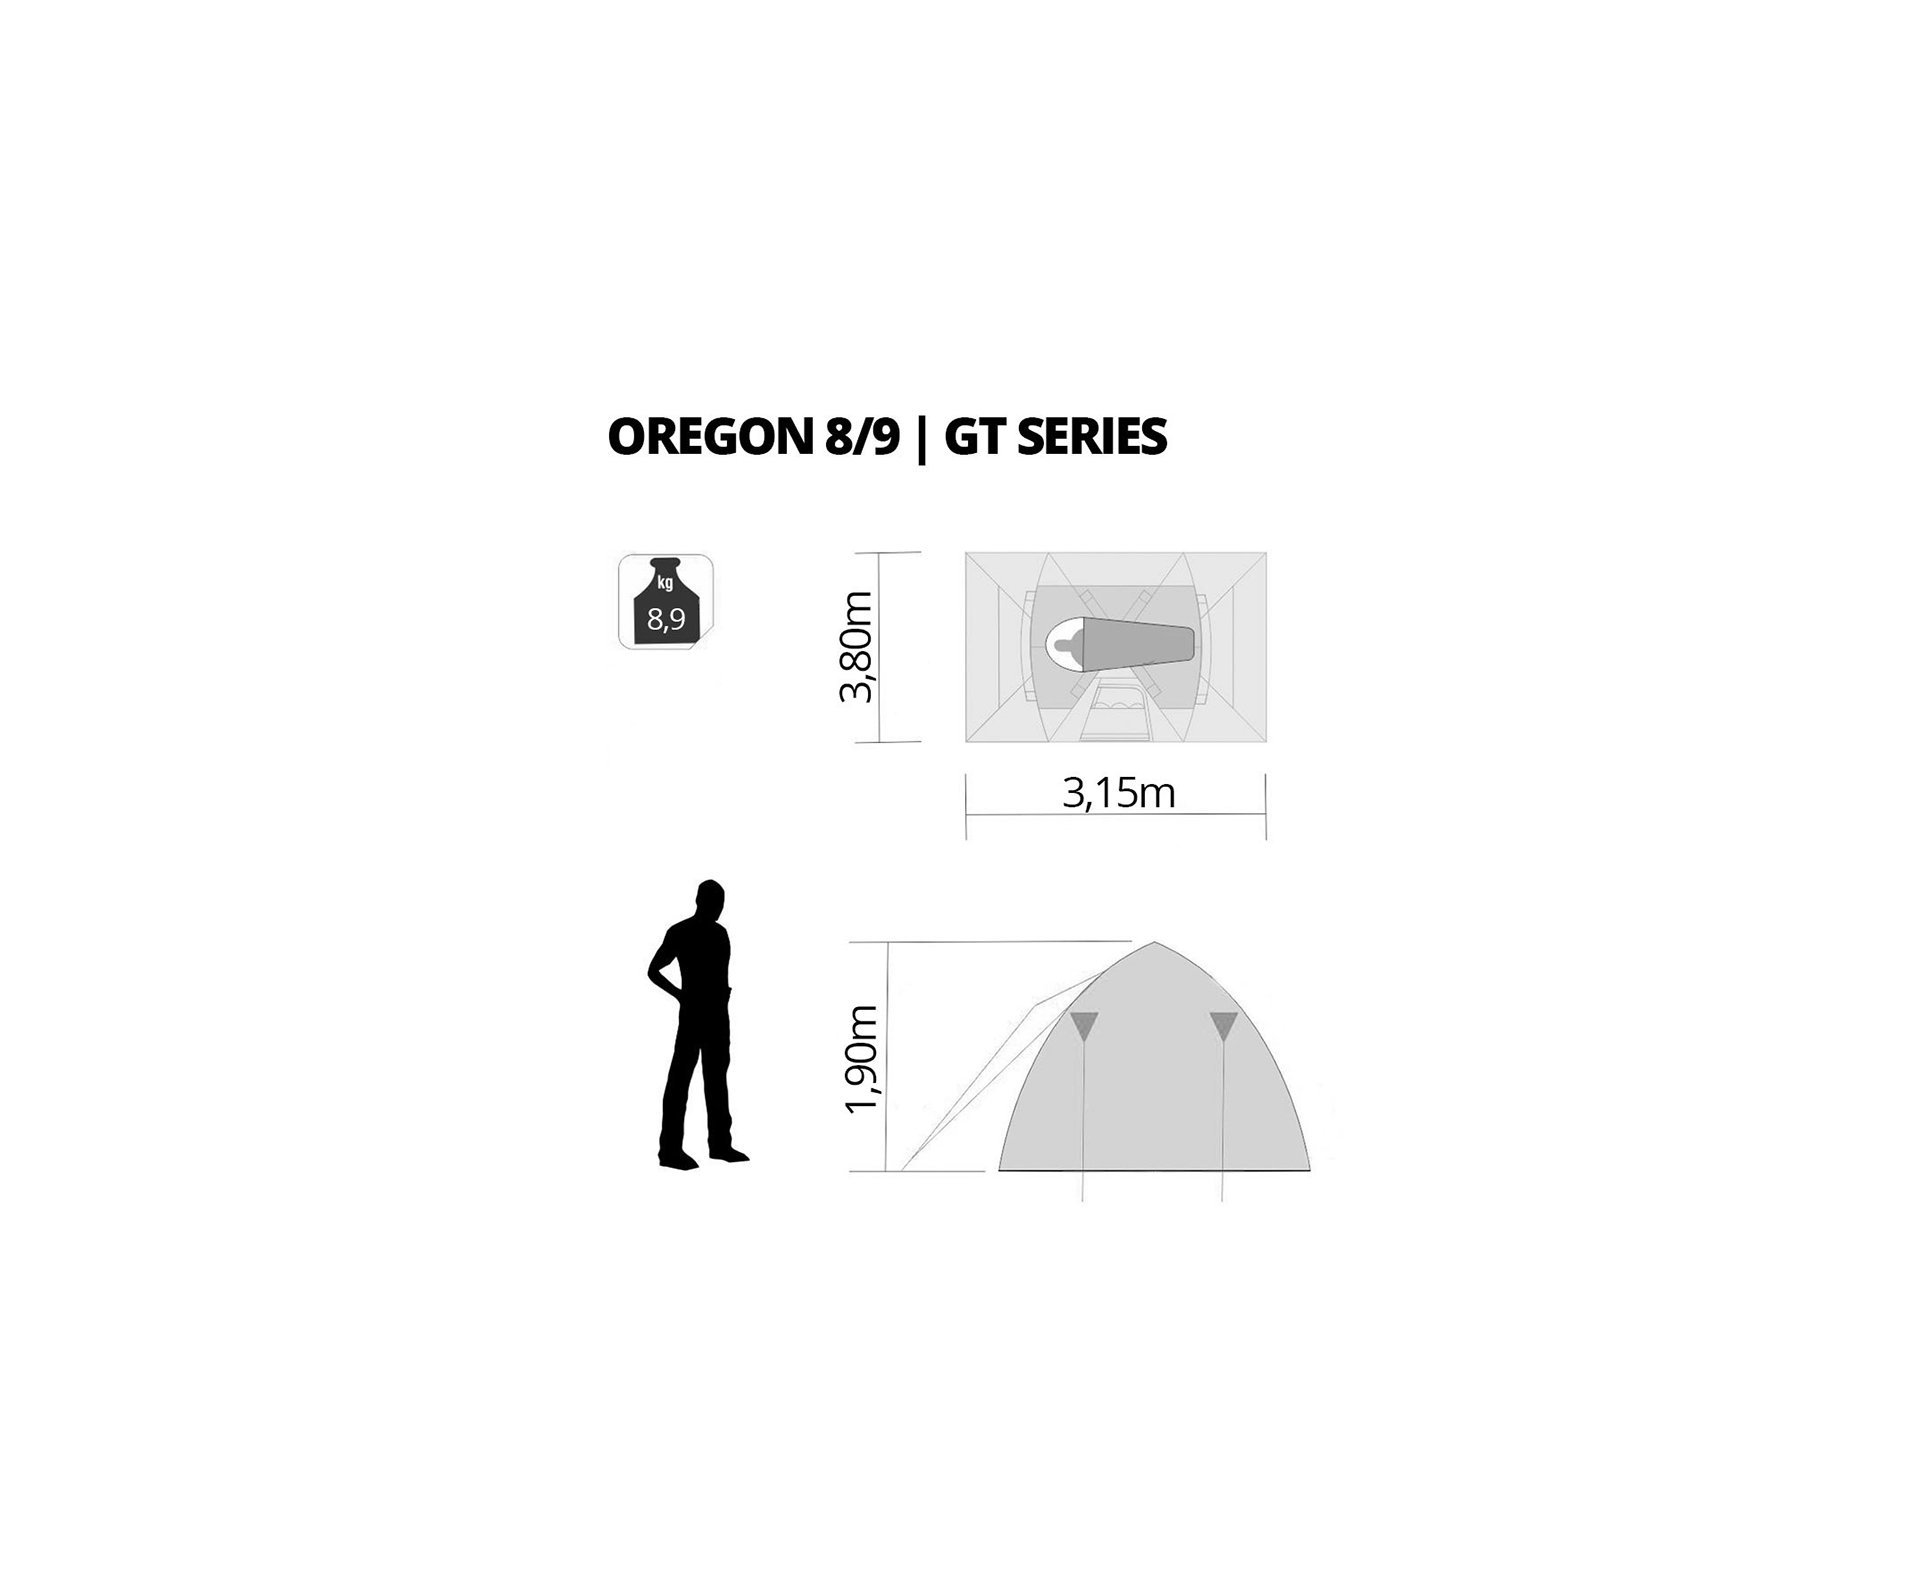 Barraca Nautika Oregon Gt 8/9 Pessoas